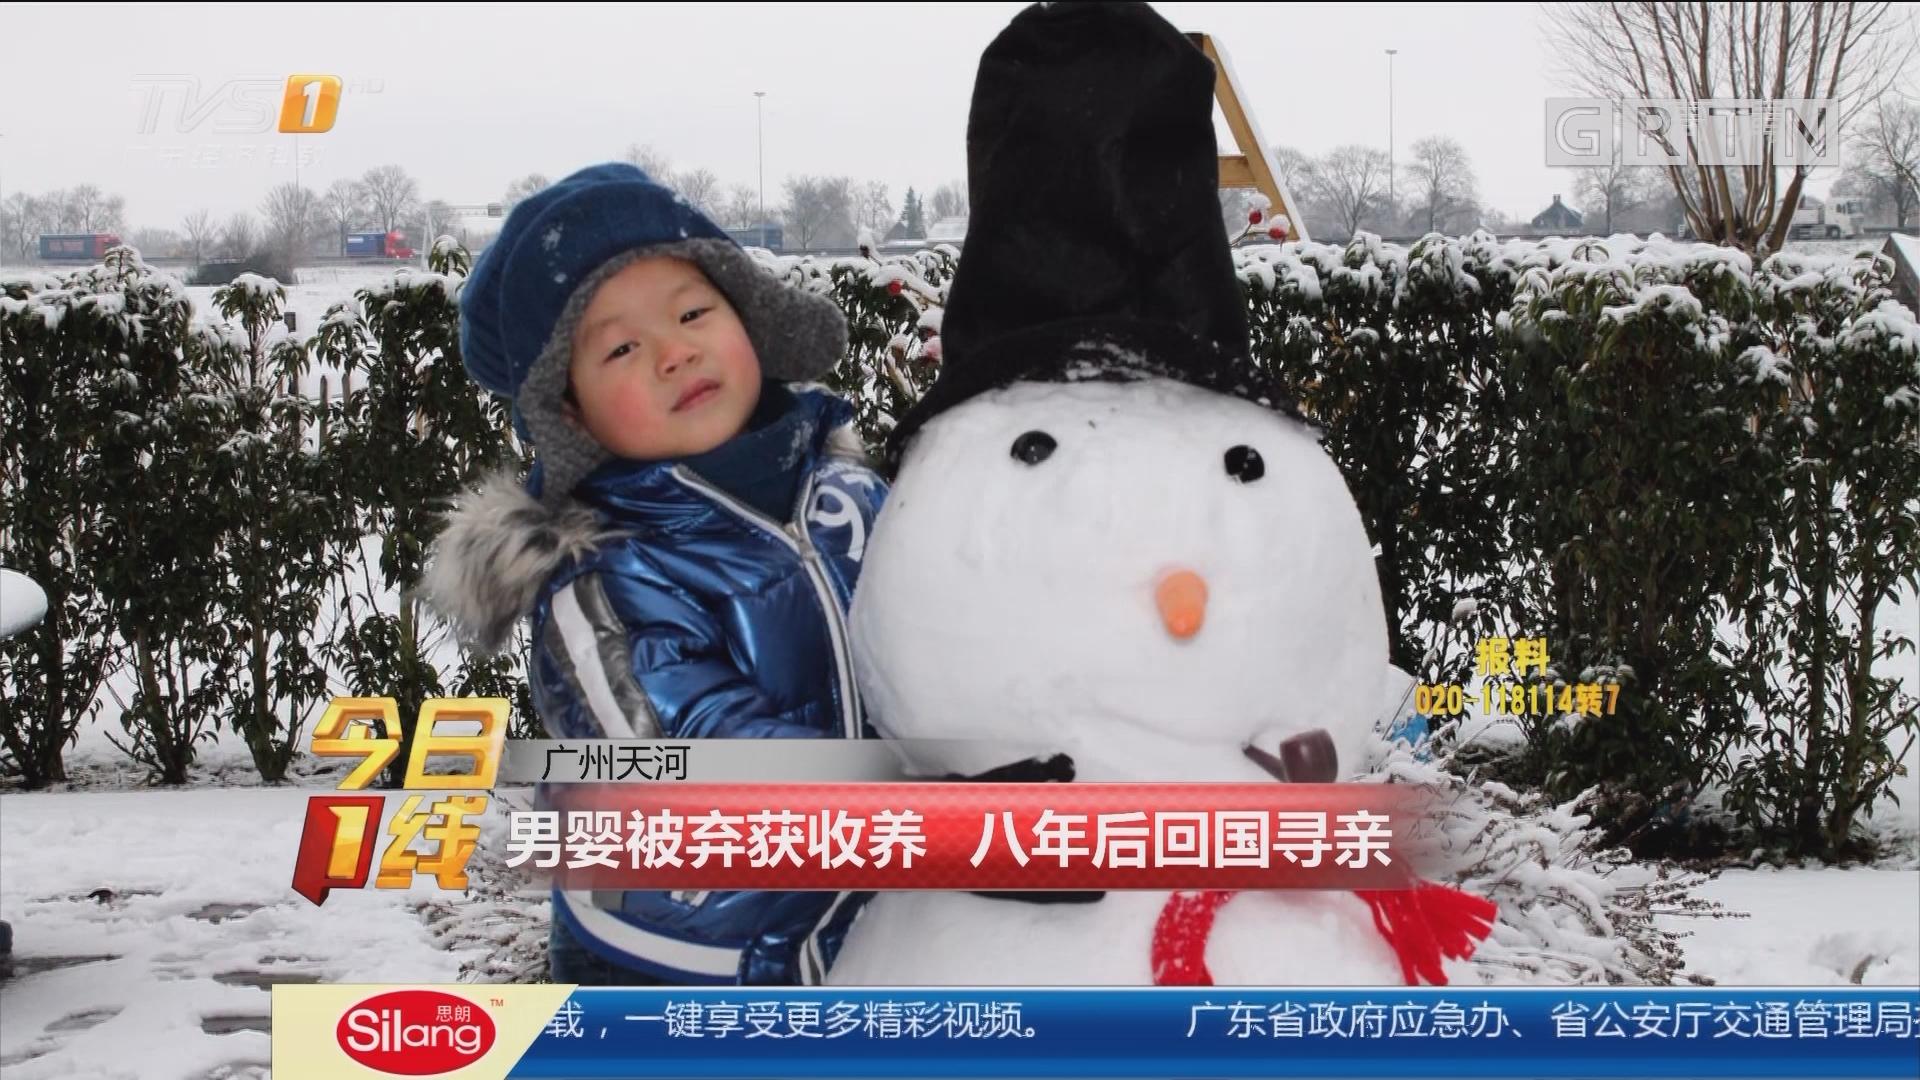 广州天河:男婴被弃获收养 八年后回国寻亲